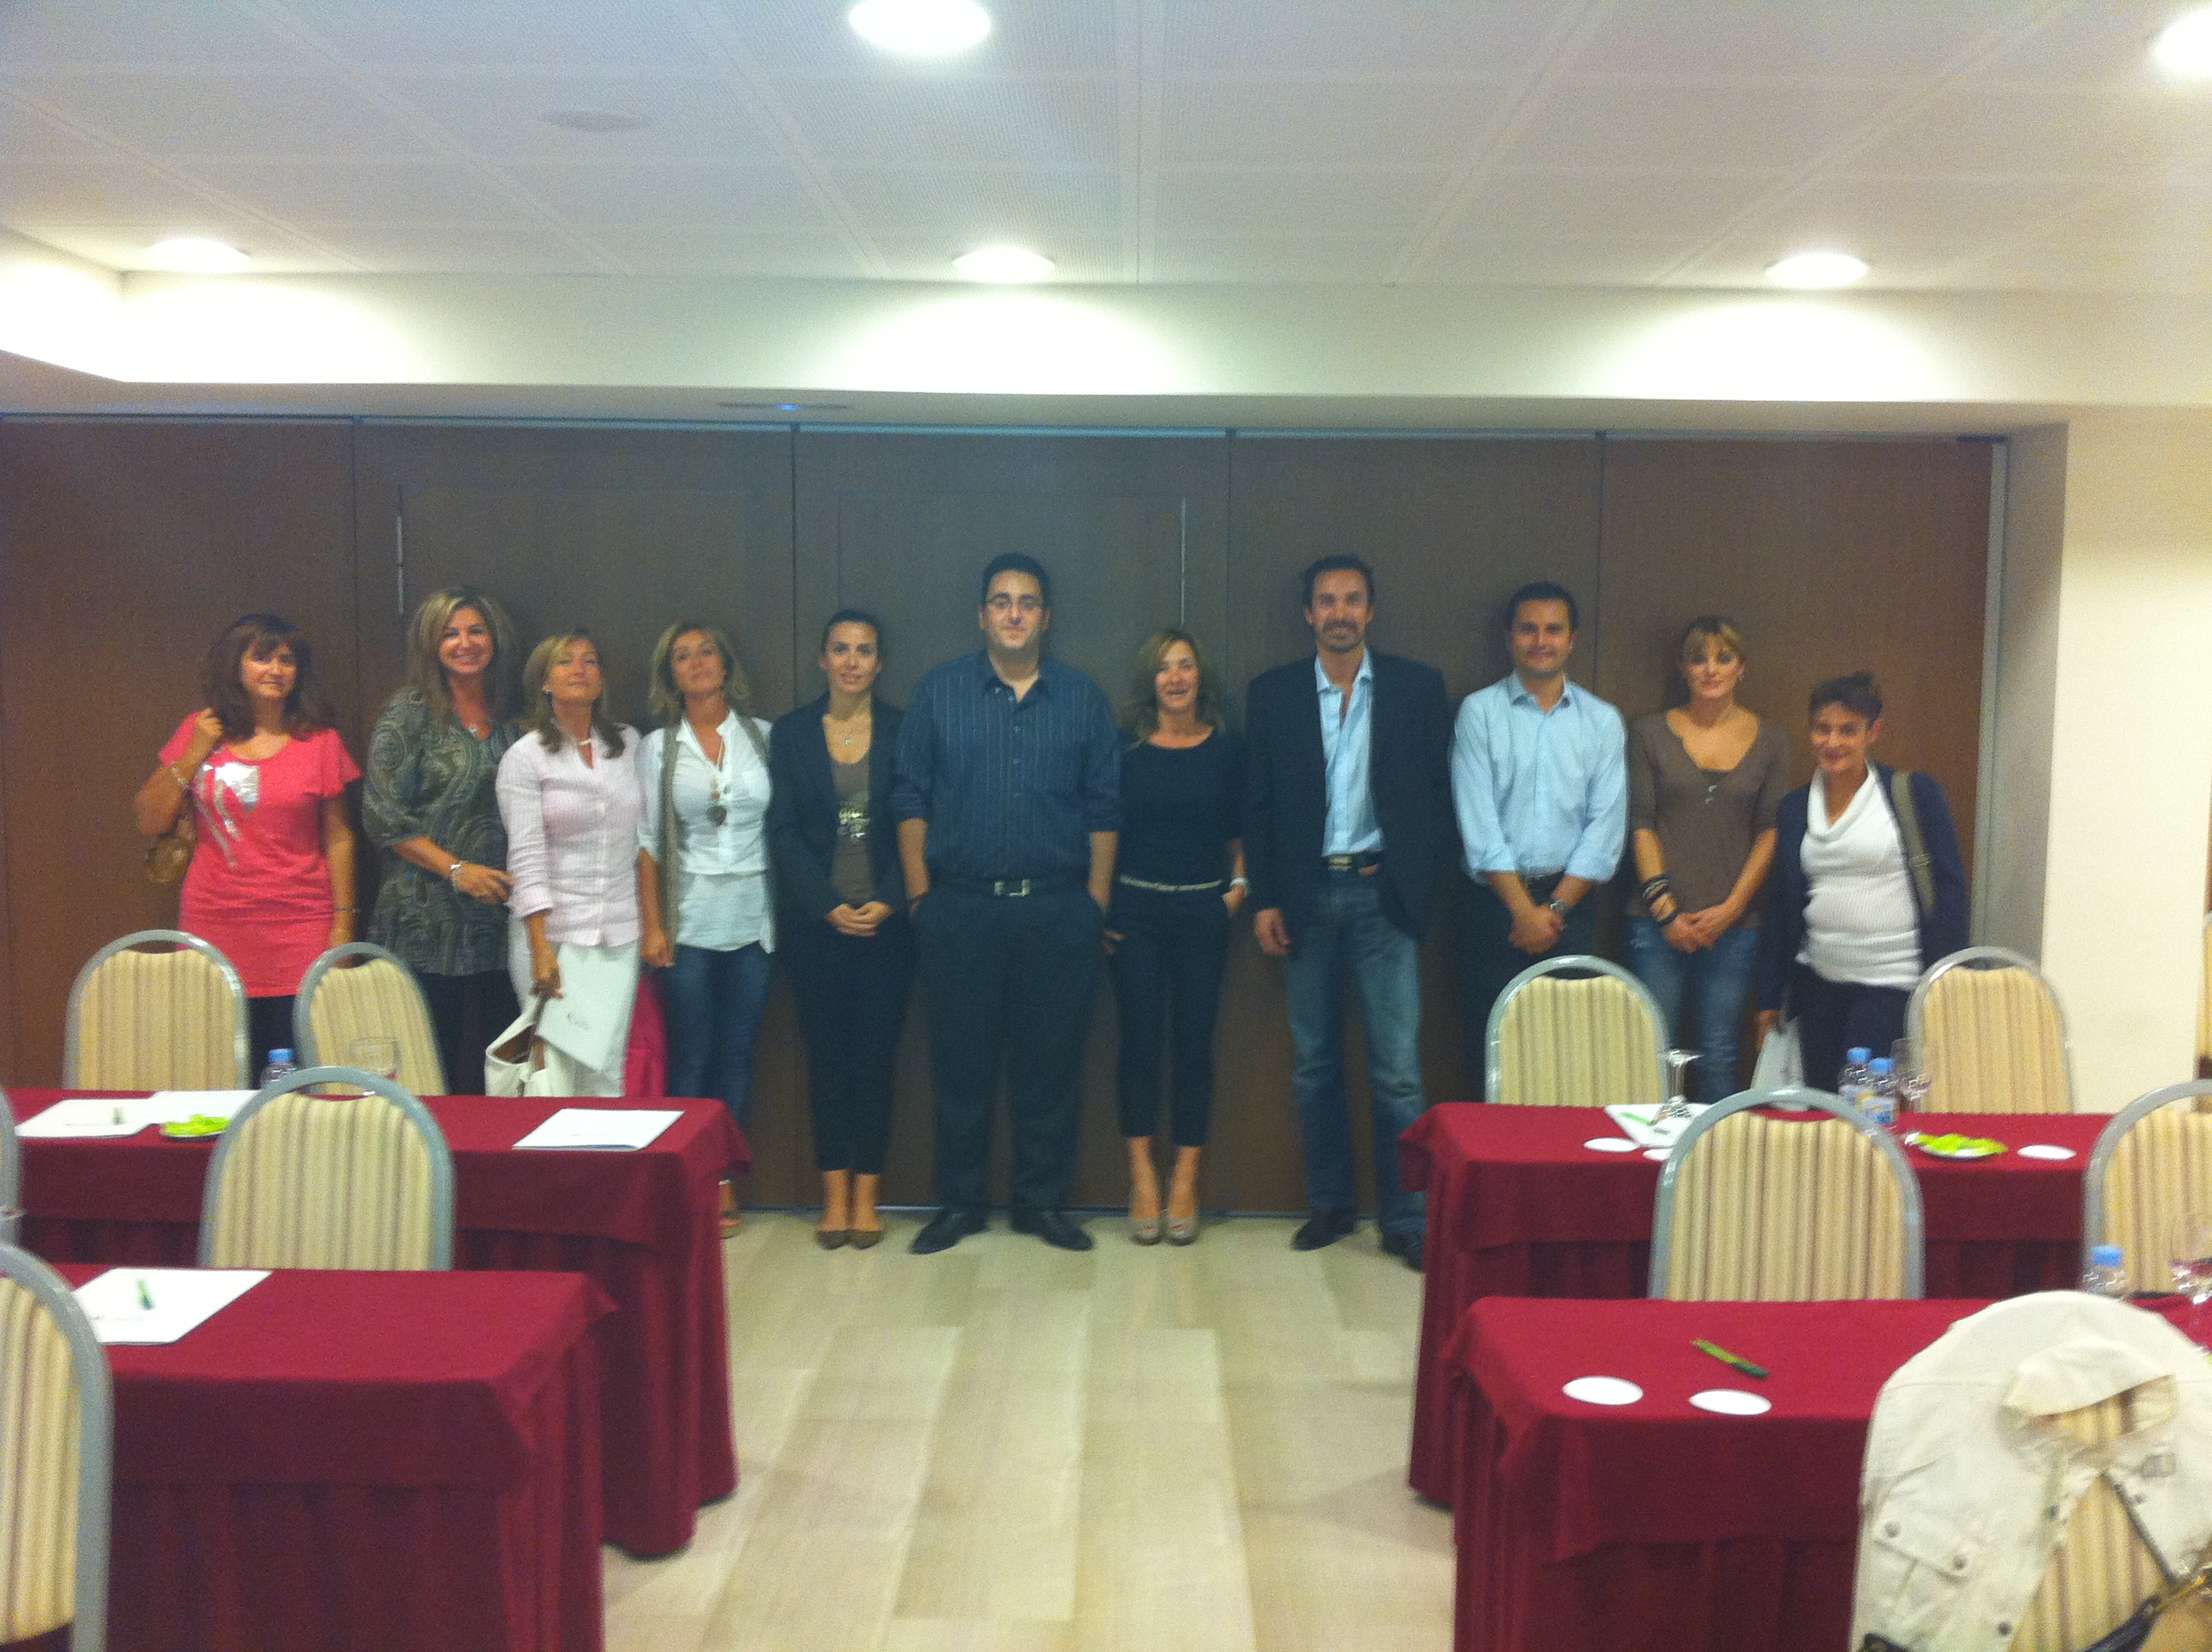 Fotos de familia de los cursos de idealista en 2012 coordinados por la oficina de Barcelona